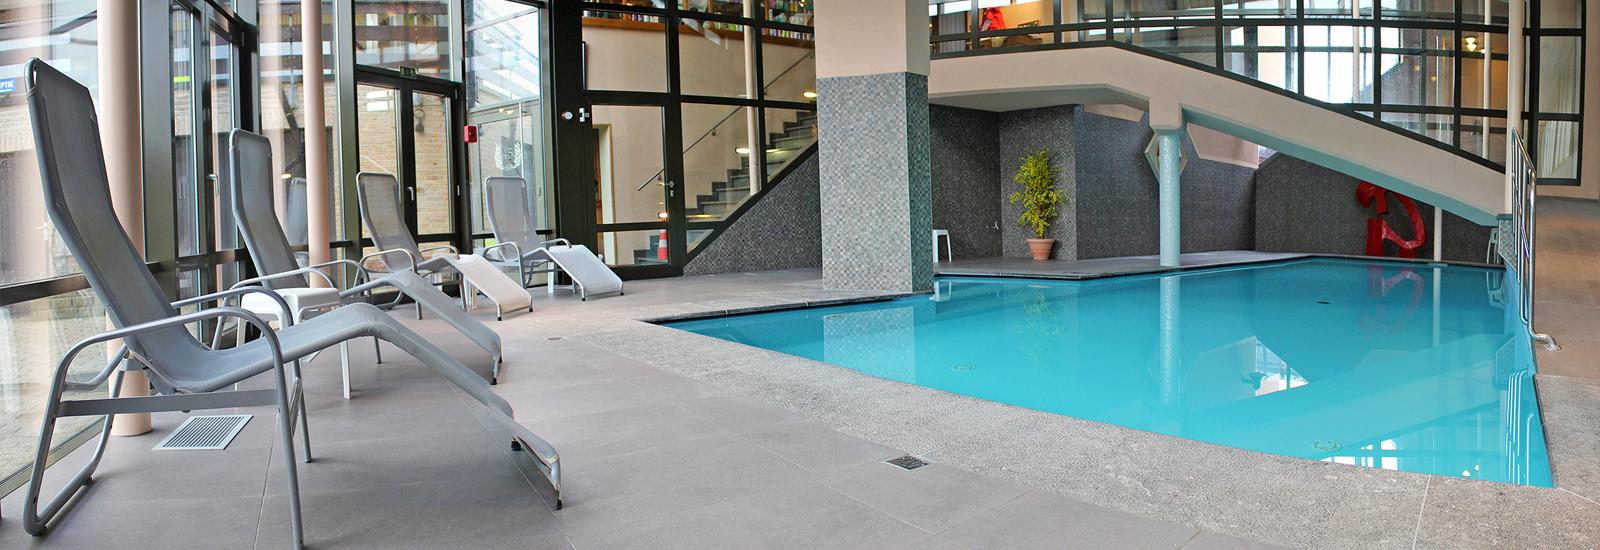 Soll Cress - Hotel *** - Hôtel Trois Étoiles Près De La Mer ... intérieur Piscine Coxyde